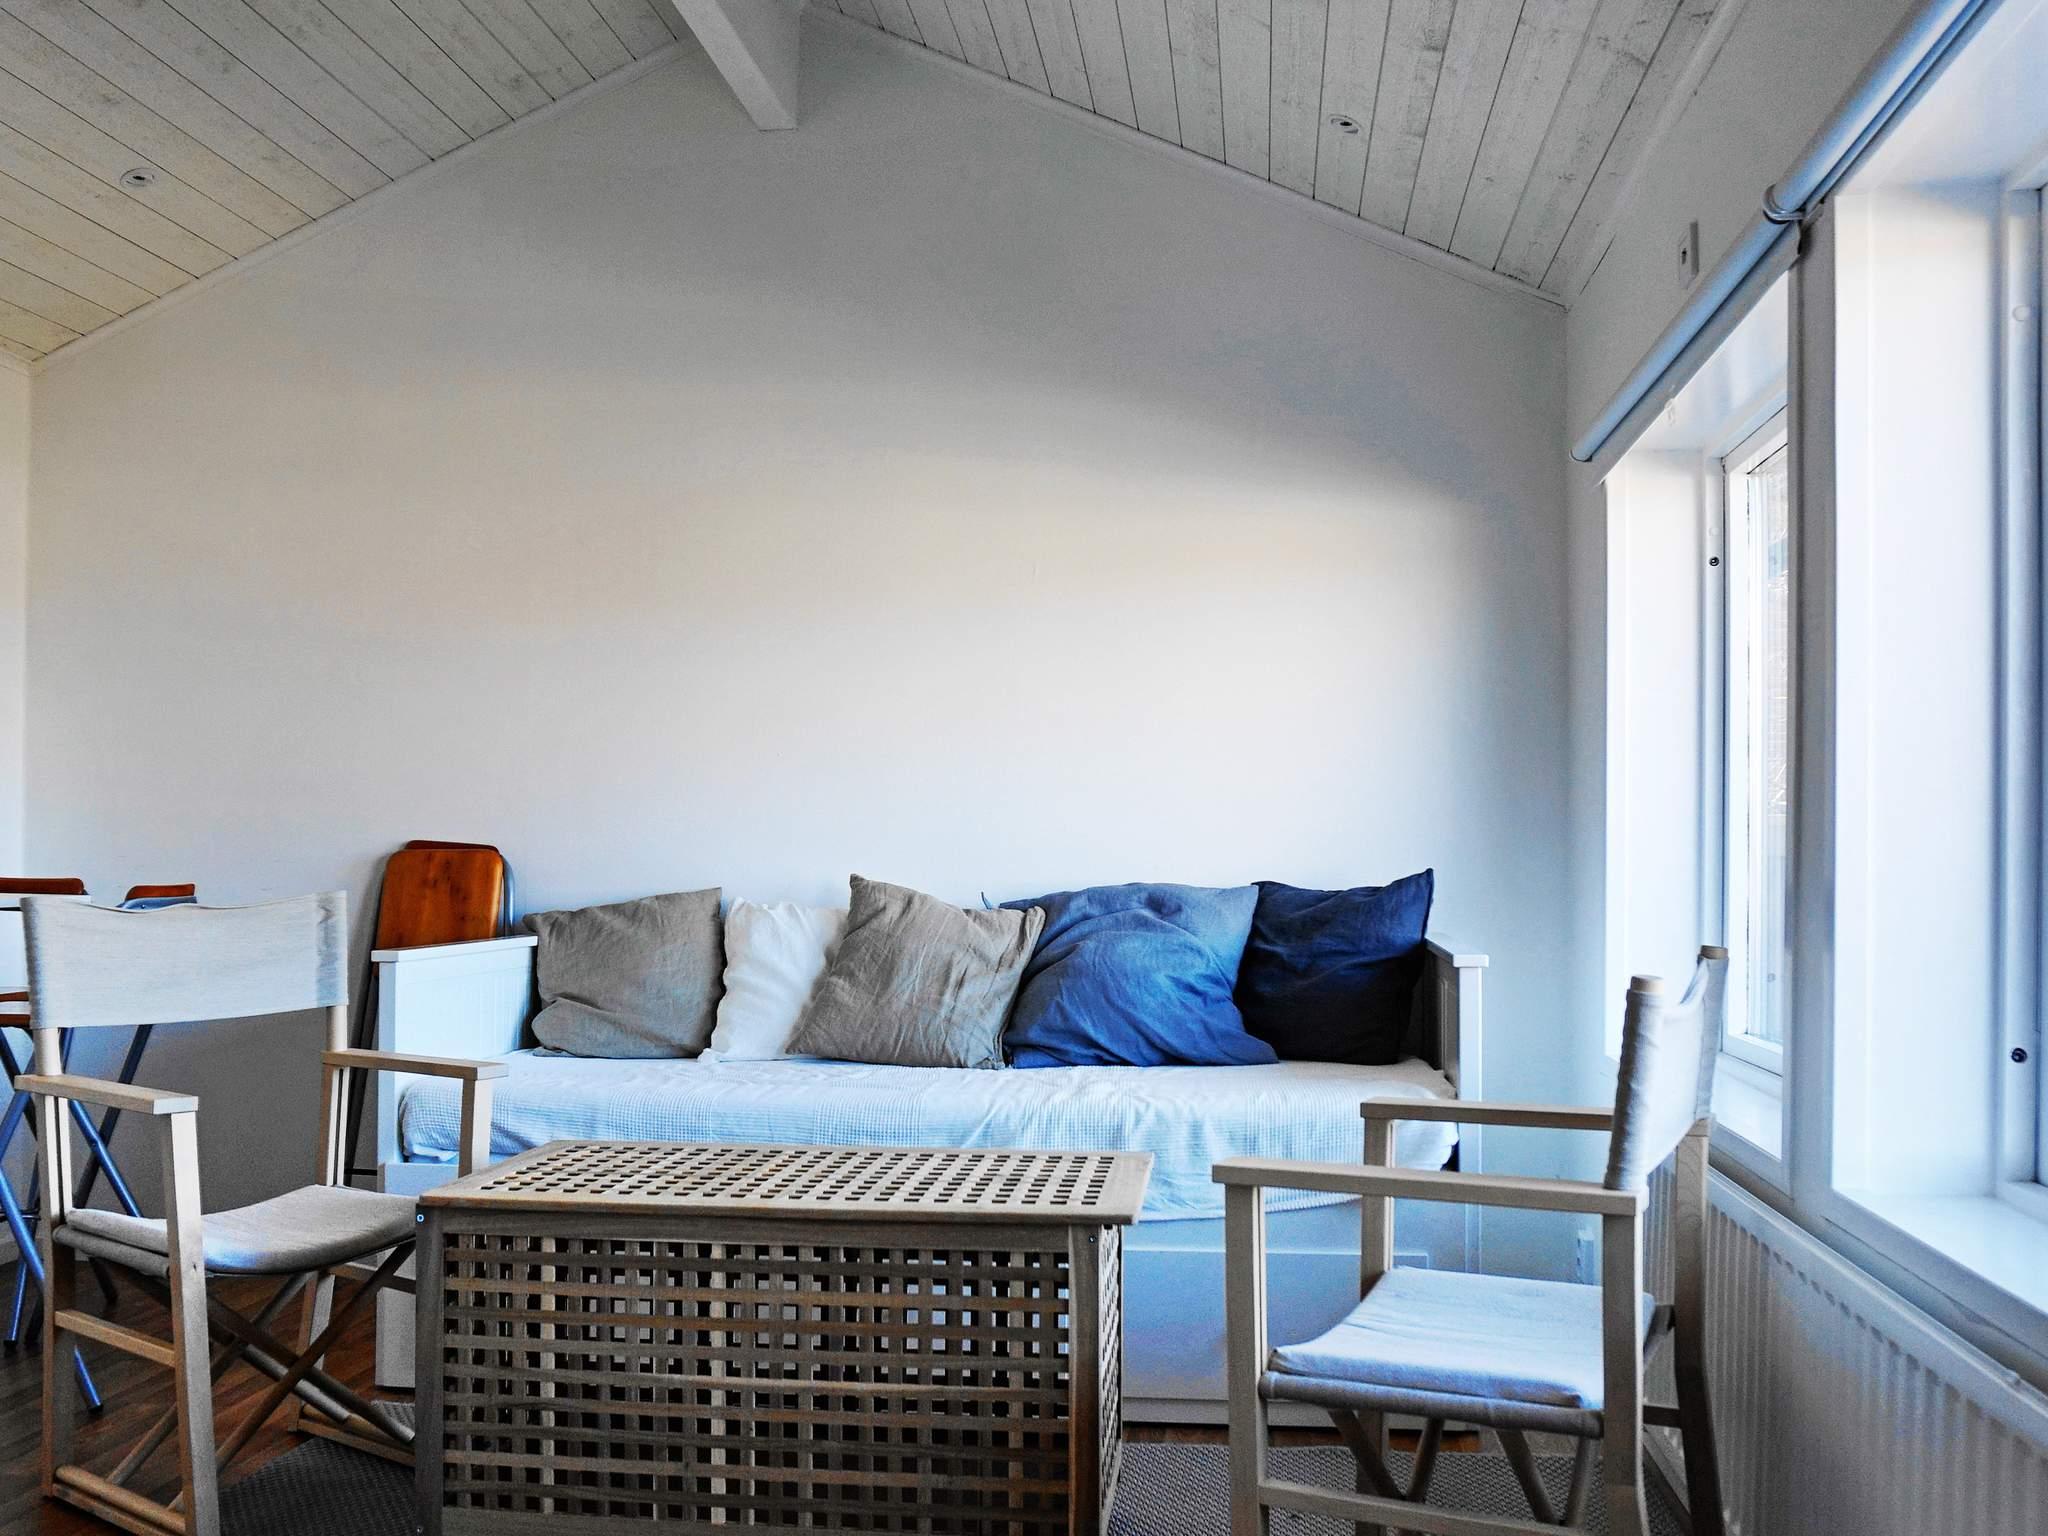 Ferienhaus Tjörn/Rönnäng (2402350), Rönnäng, Tjörn, Westschweden, Schweden, Bild 3